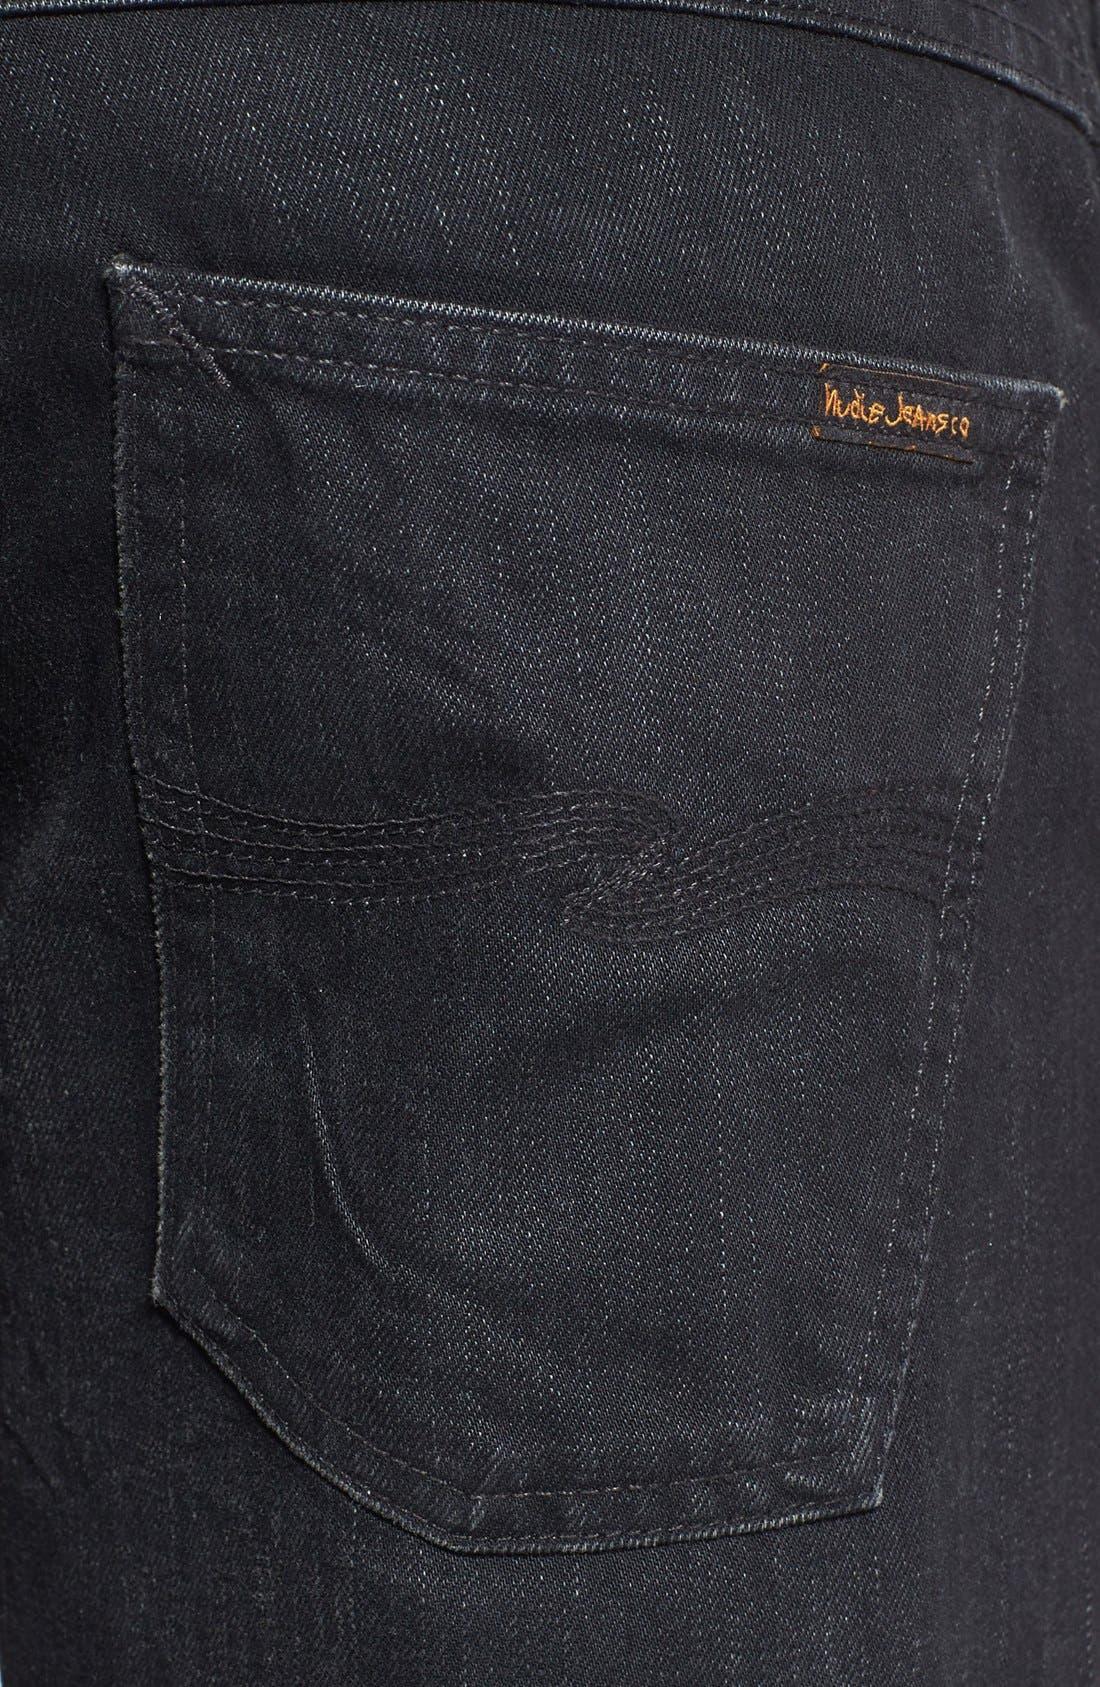 Alternate Image 4  - Nudie Jeans 'Grim Tim' Skinny Fit Jeans (Organic Black Grease)